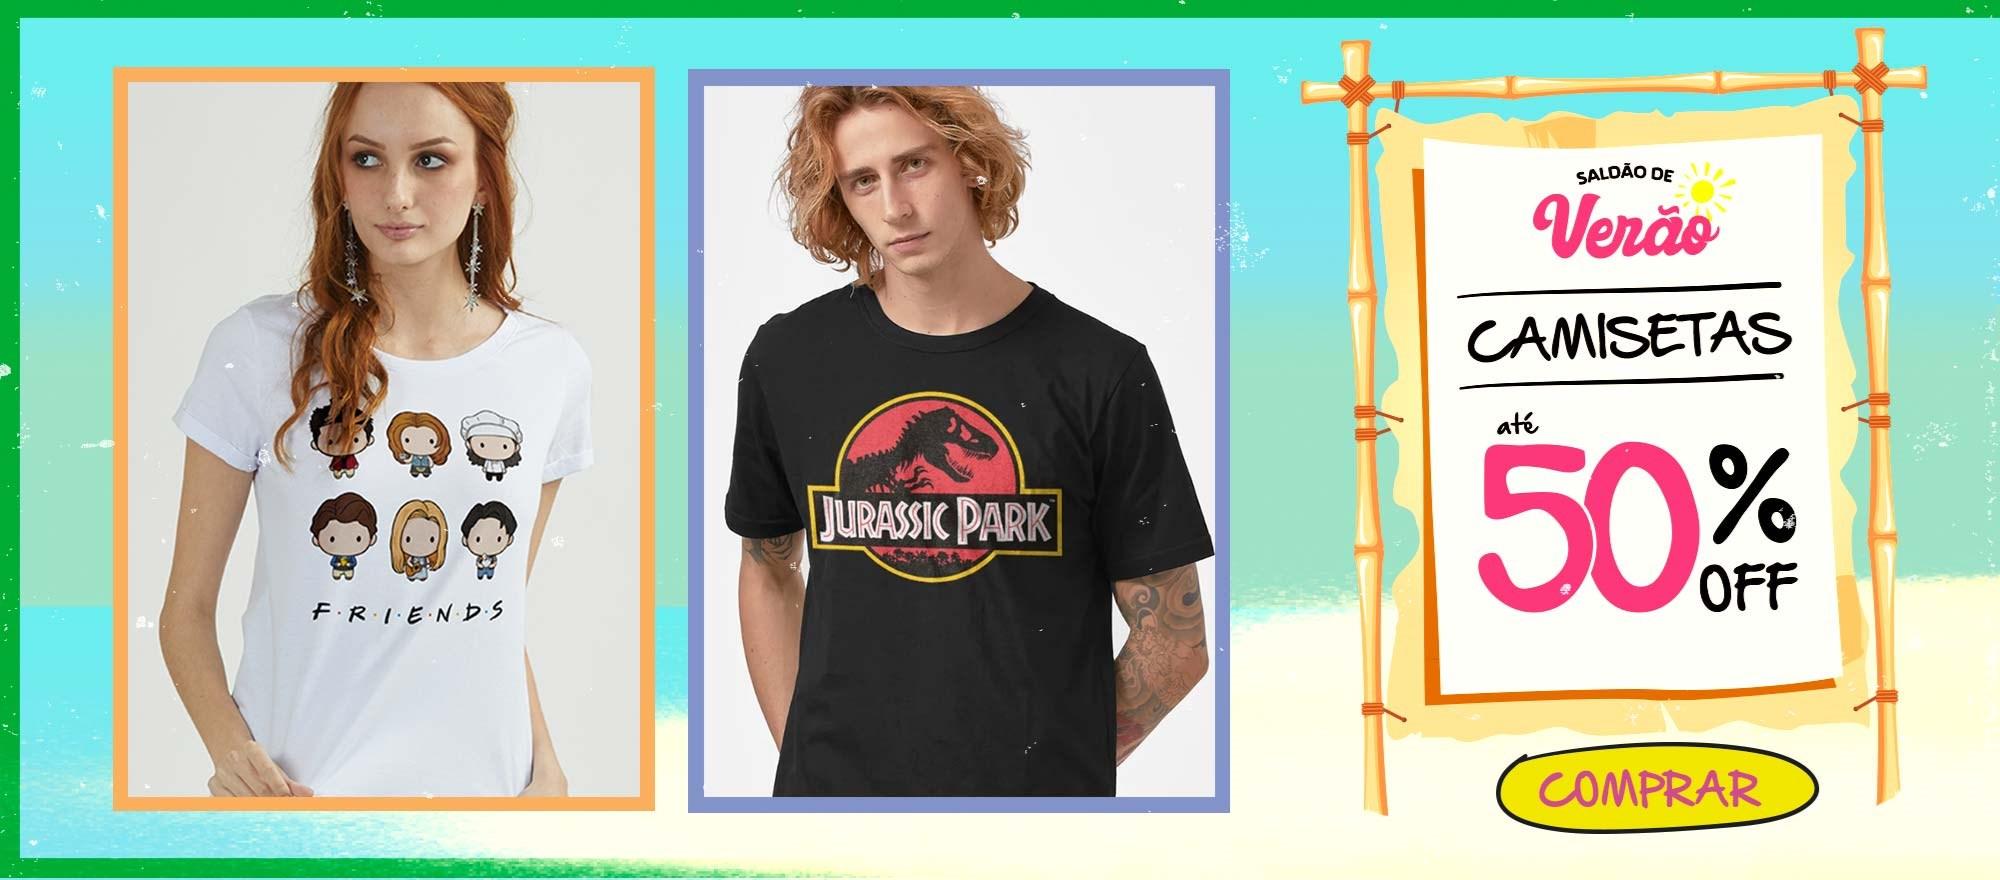 Banner Home - Saldão de Verão Camisetas